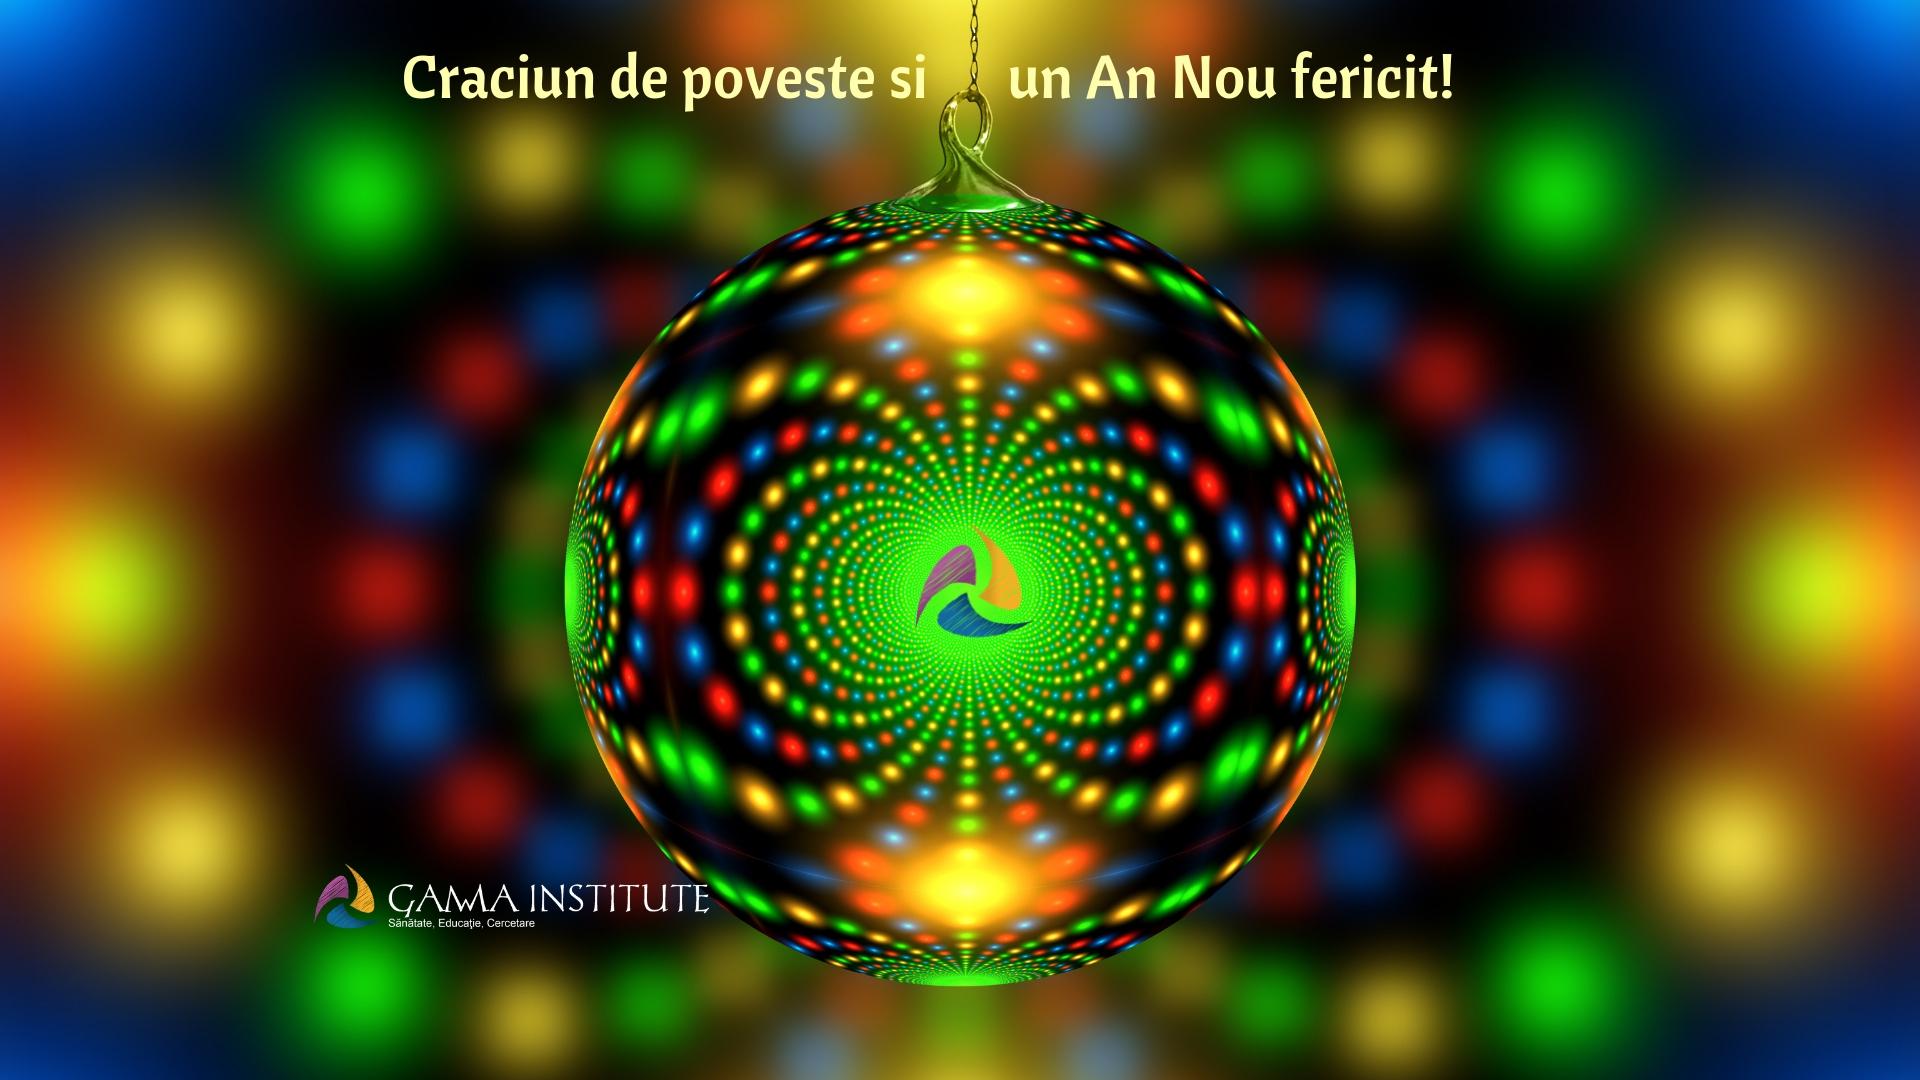 sarbatori_fericite_gamma_institute.jpg